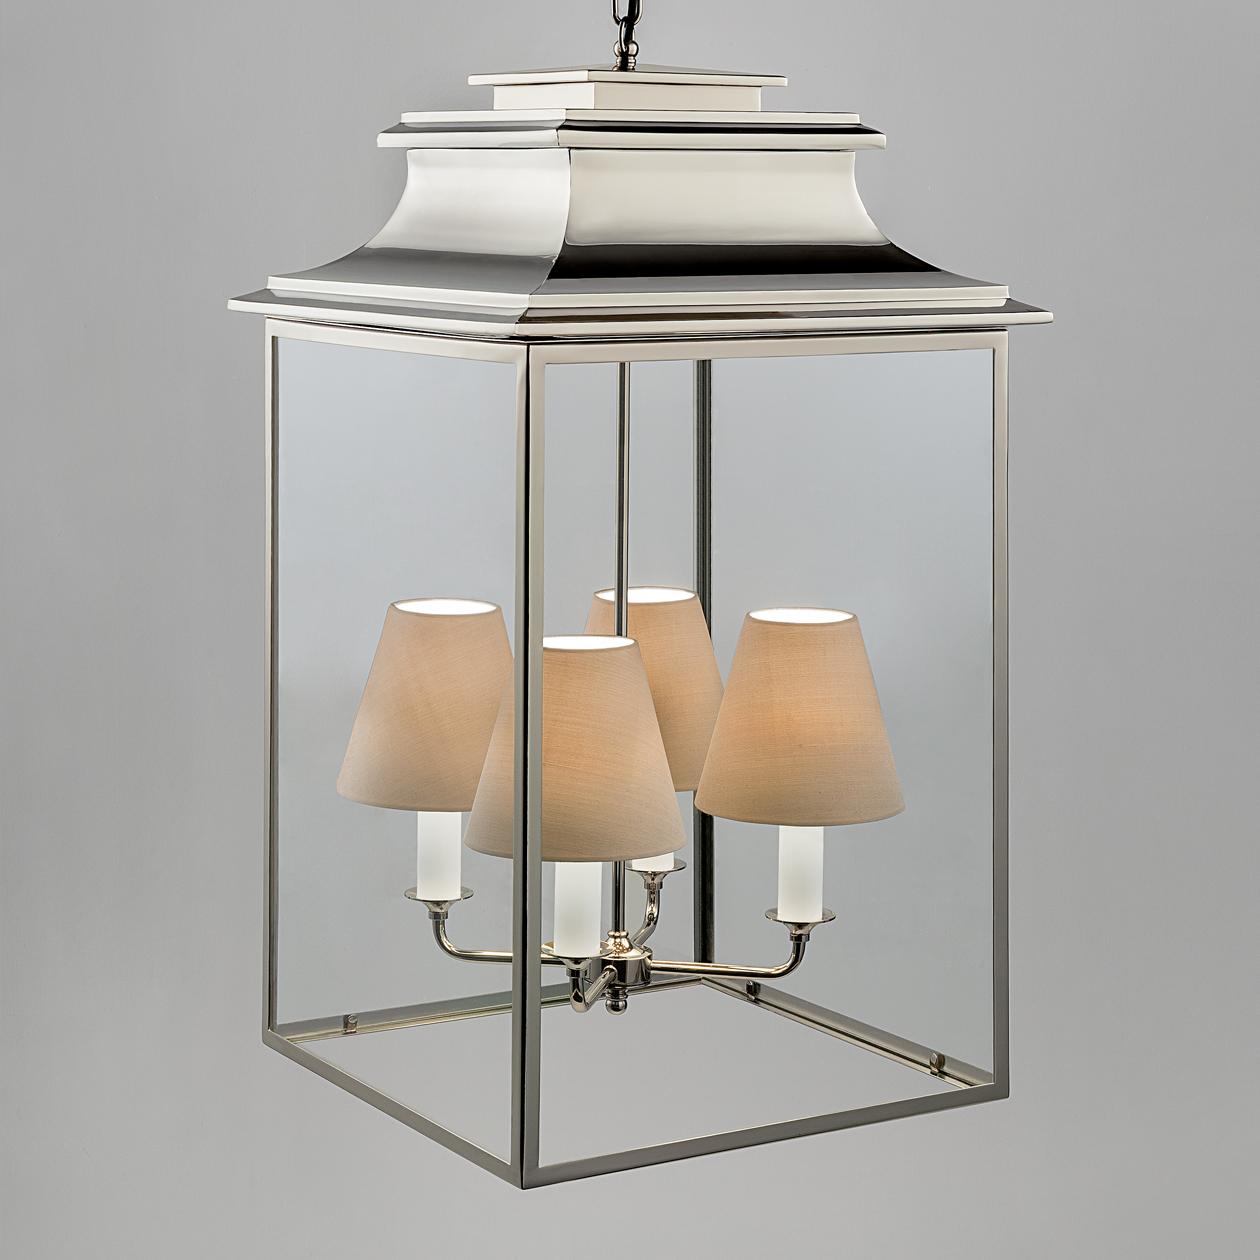 Mayfair Lanterns Ceiling Light My 122 L Pn Chelsom